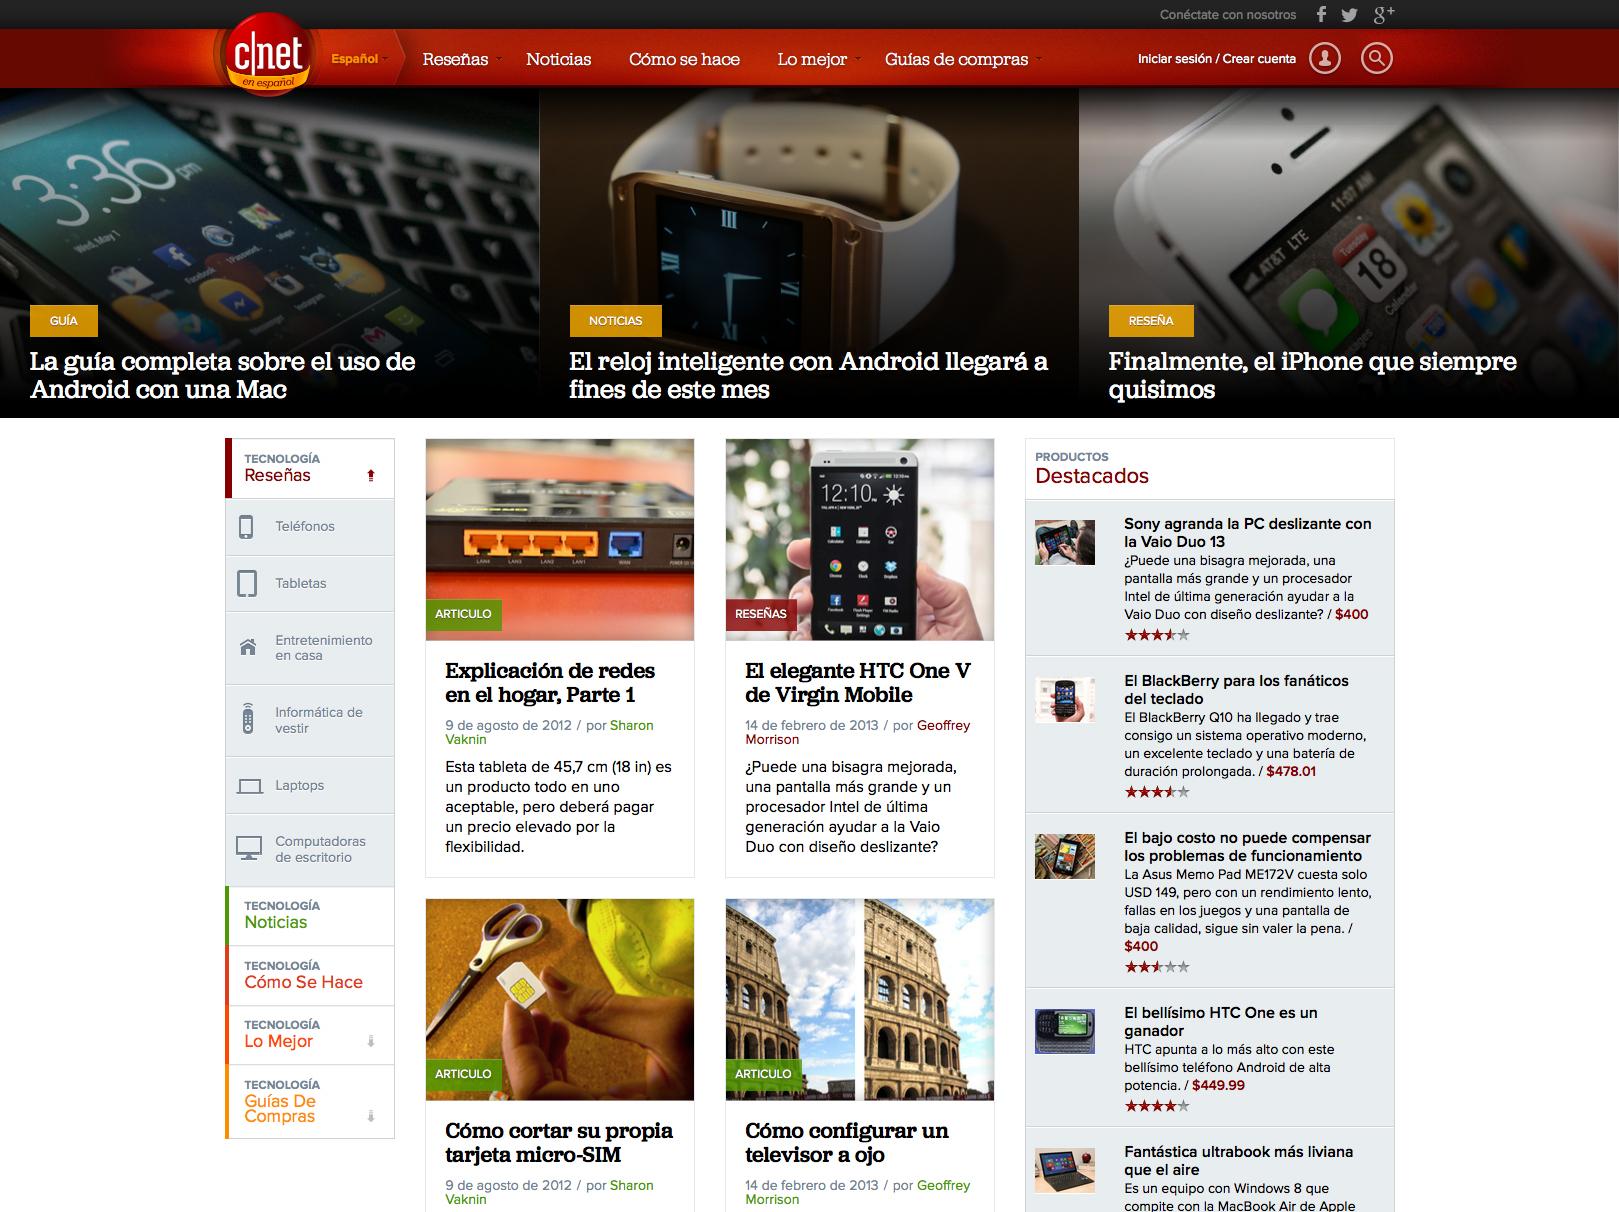 CNET en español home page